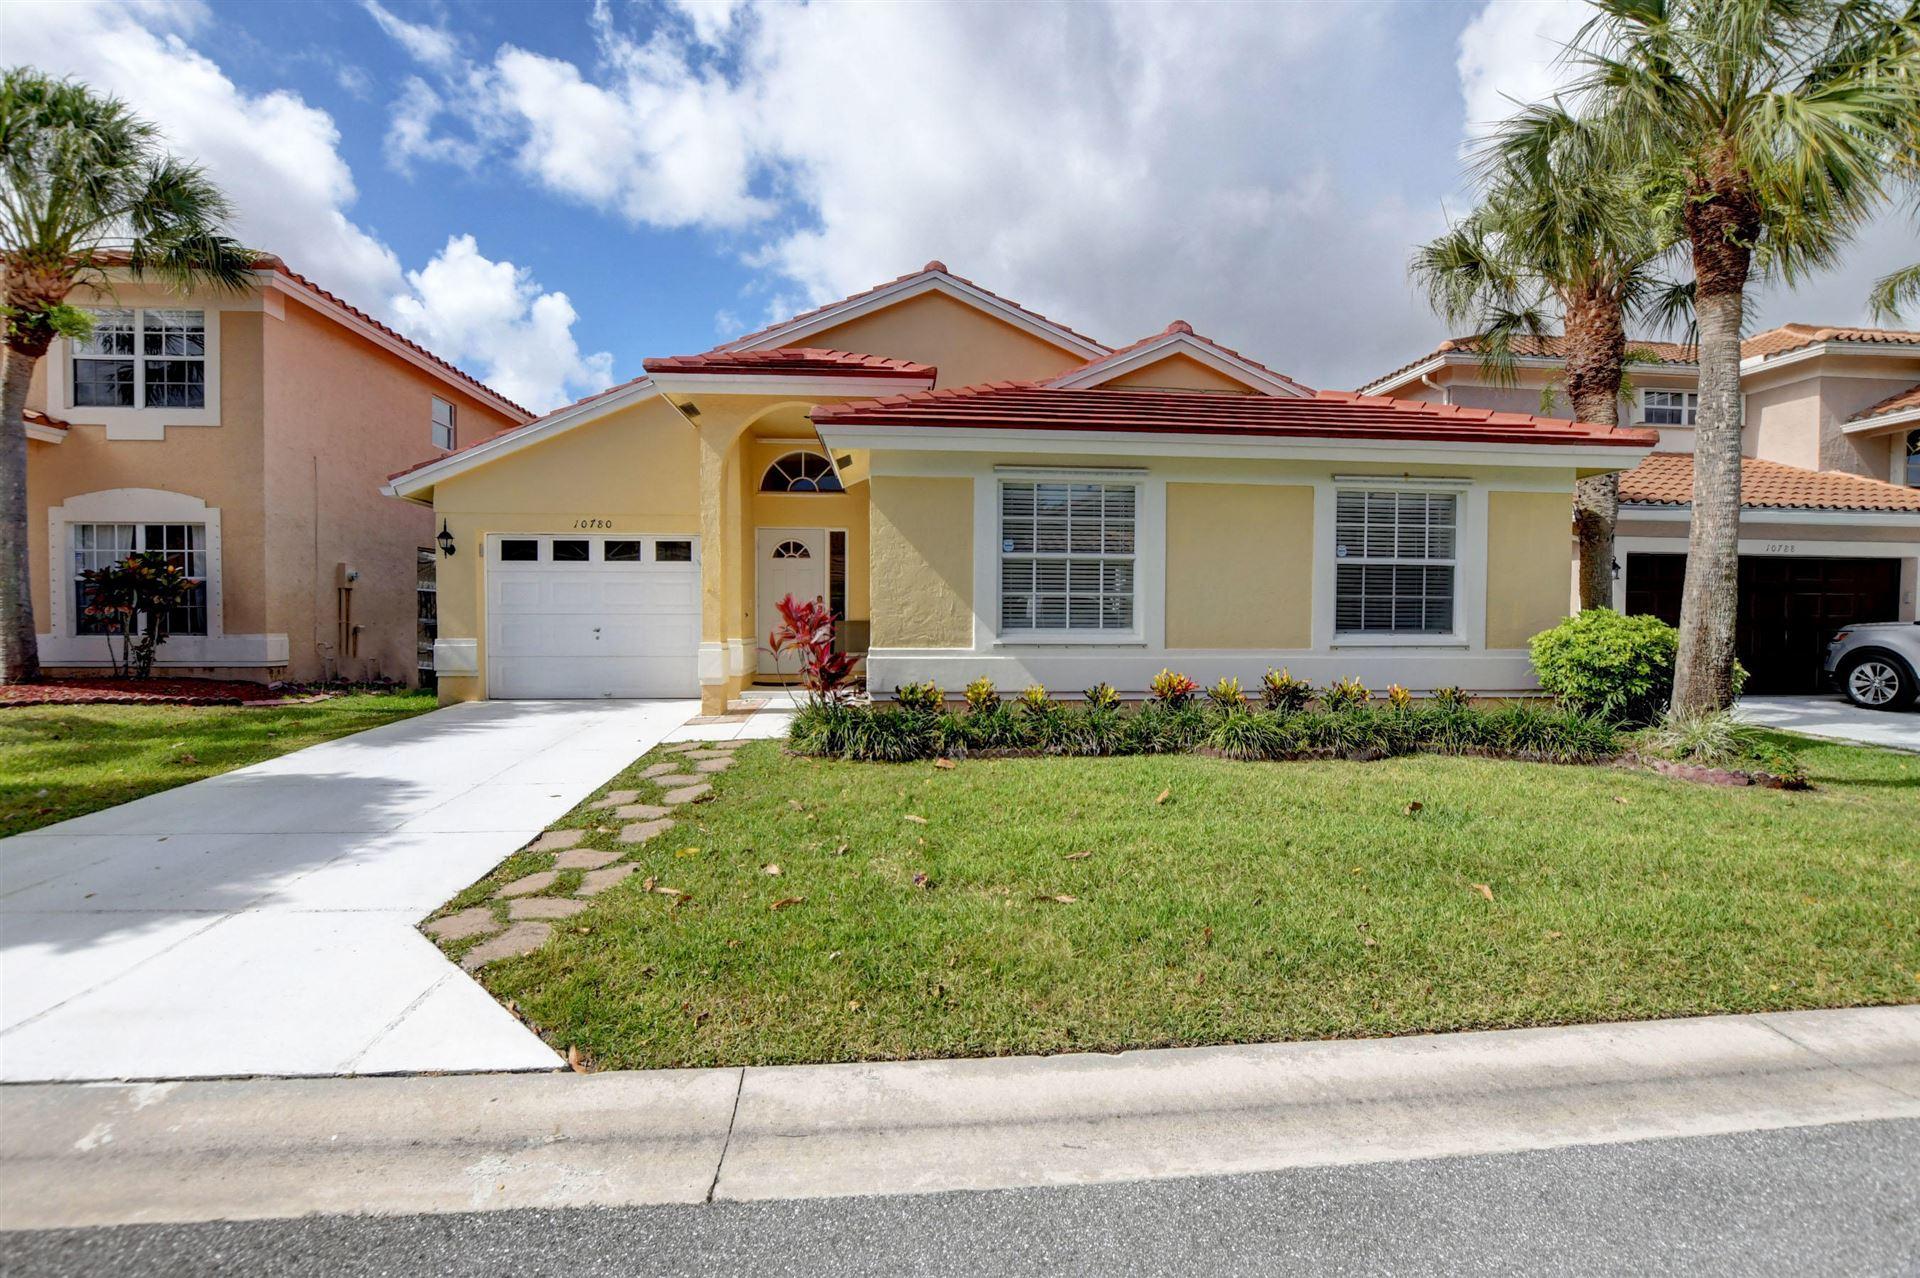 10780 Cypress Lake Terrace, Boca Raton, FL 33498 - MLS#: RX-10721123